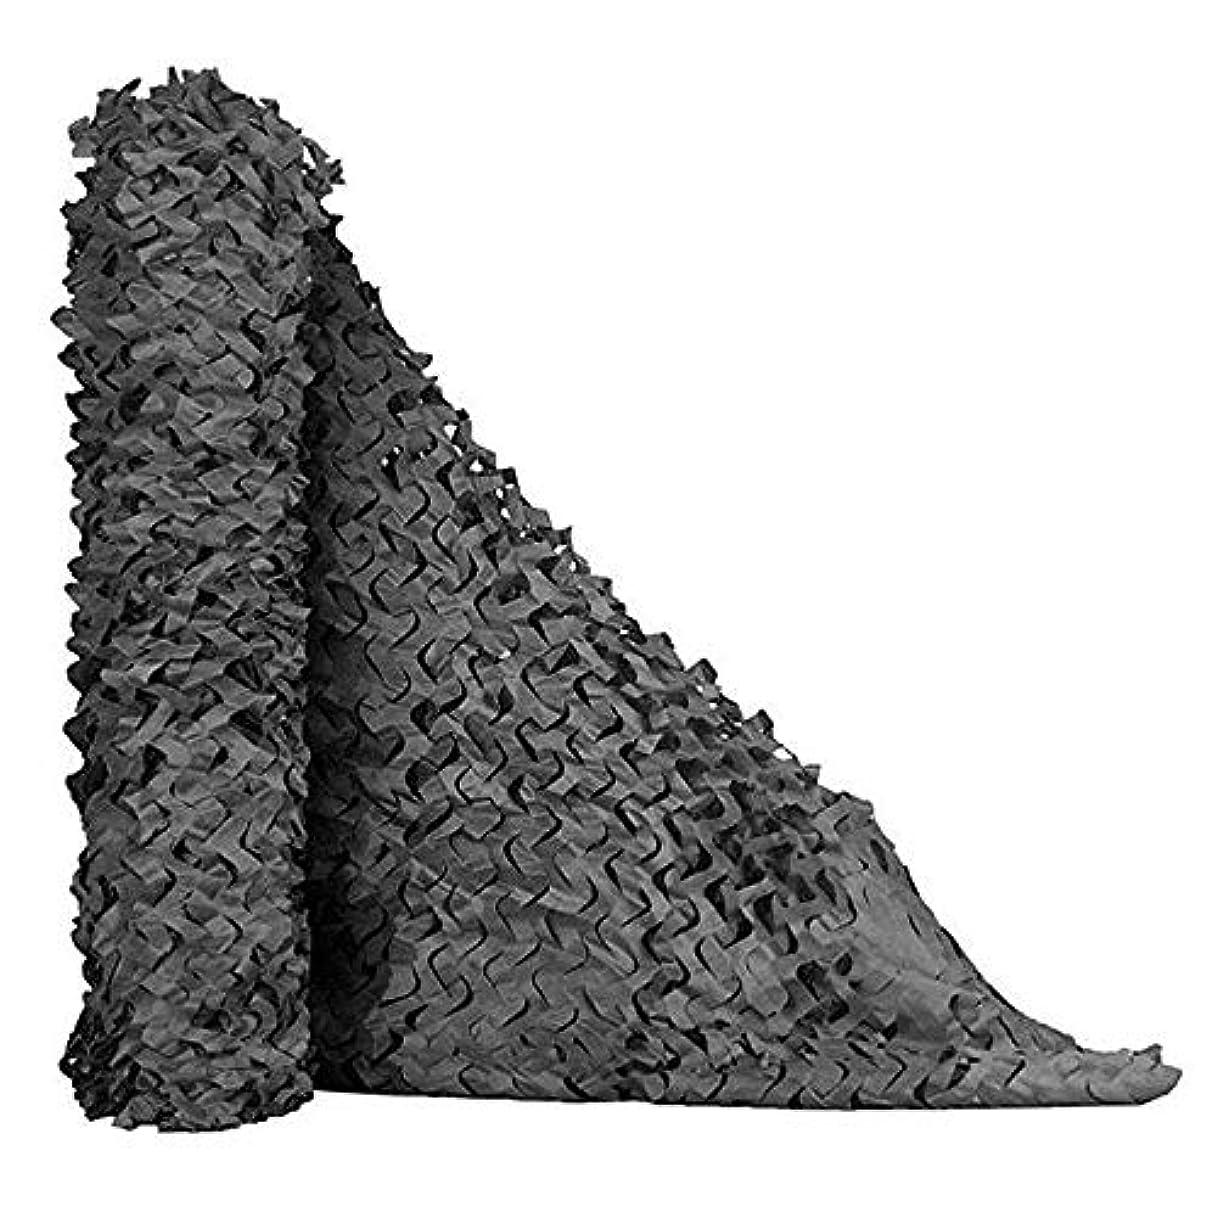 気がついて被害者中断迷彩ネット、迷彩ネット、カモフラージュ、キャンプ、射撃、ブラインド日焼け止めネット、カモフラージュパーティーの装飾 ZHAOFENGMING (Color : Black, Size : 2x6M)